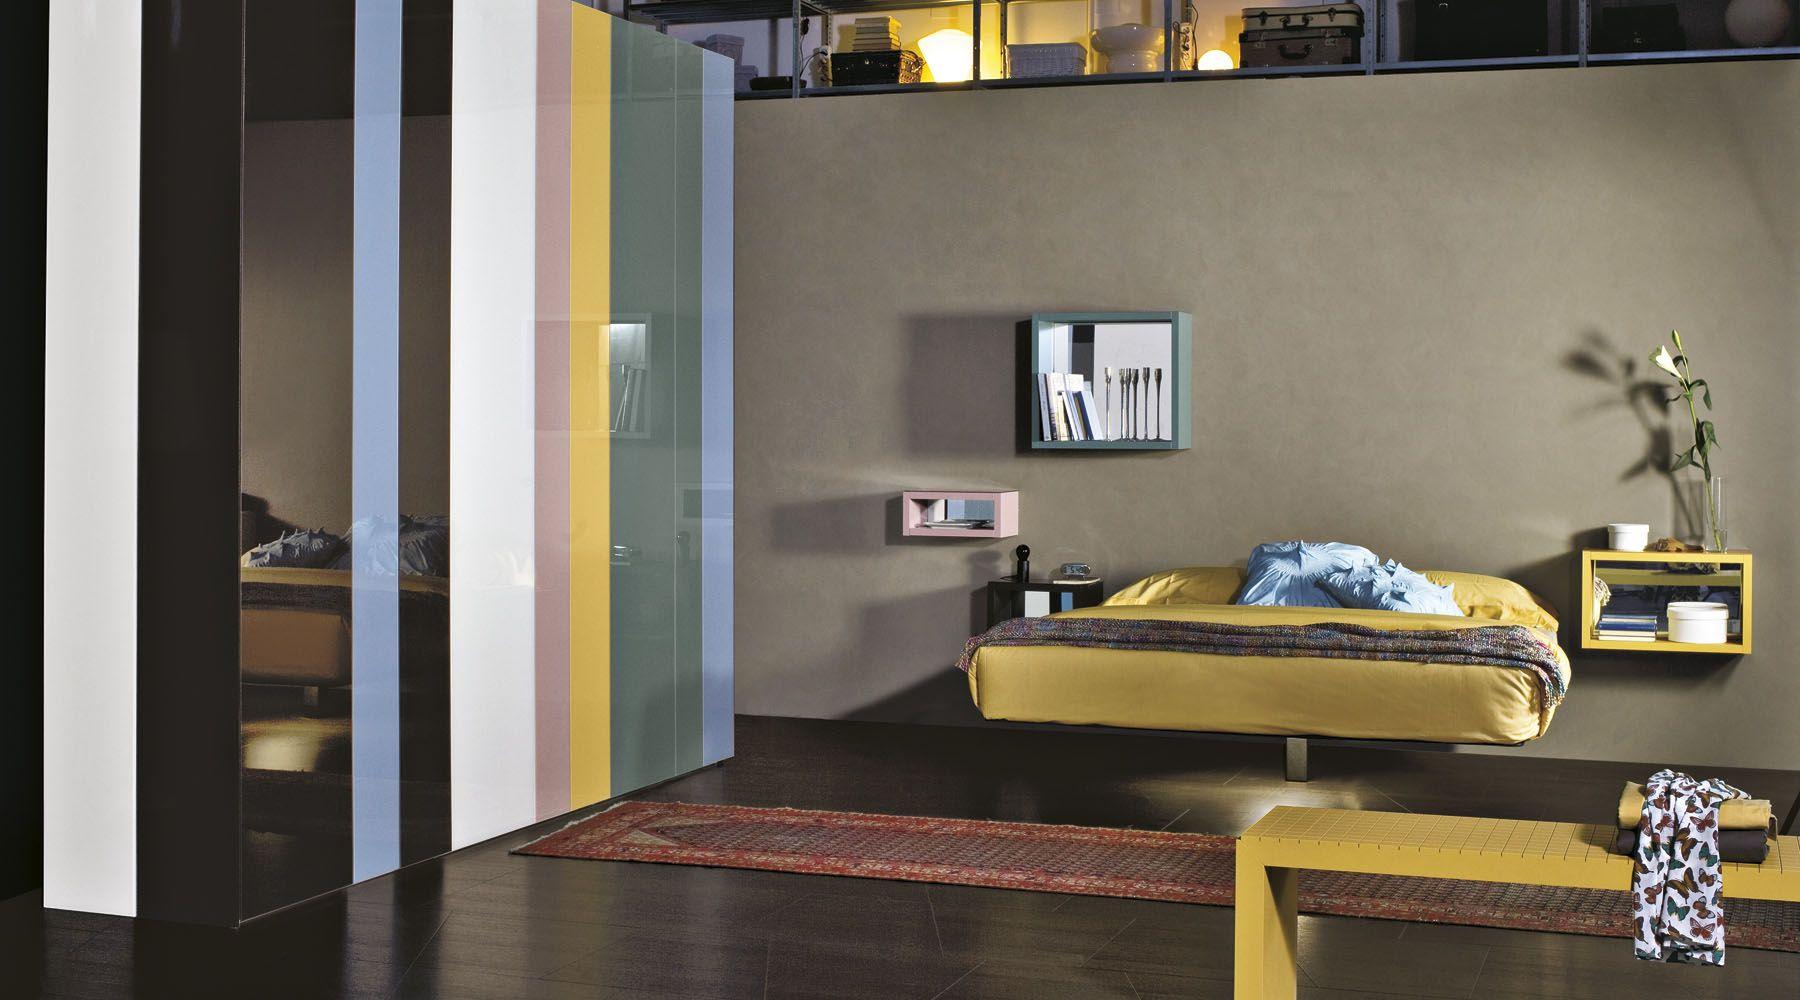 Letto Fluttua Armadio Now Lagodesign Con Immagini Design Di